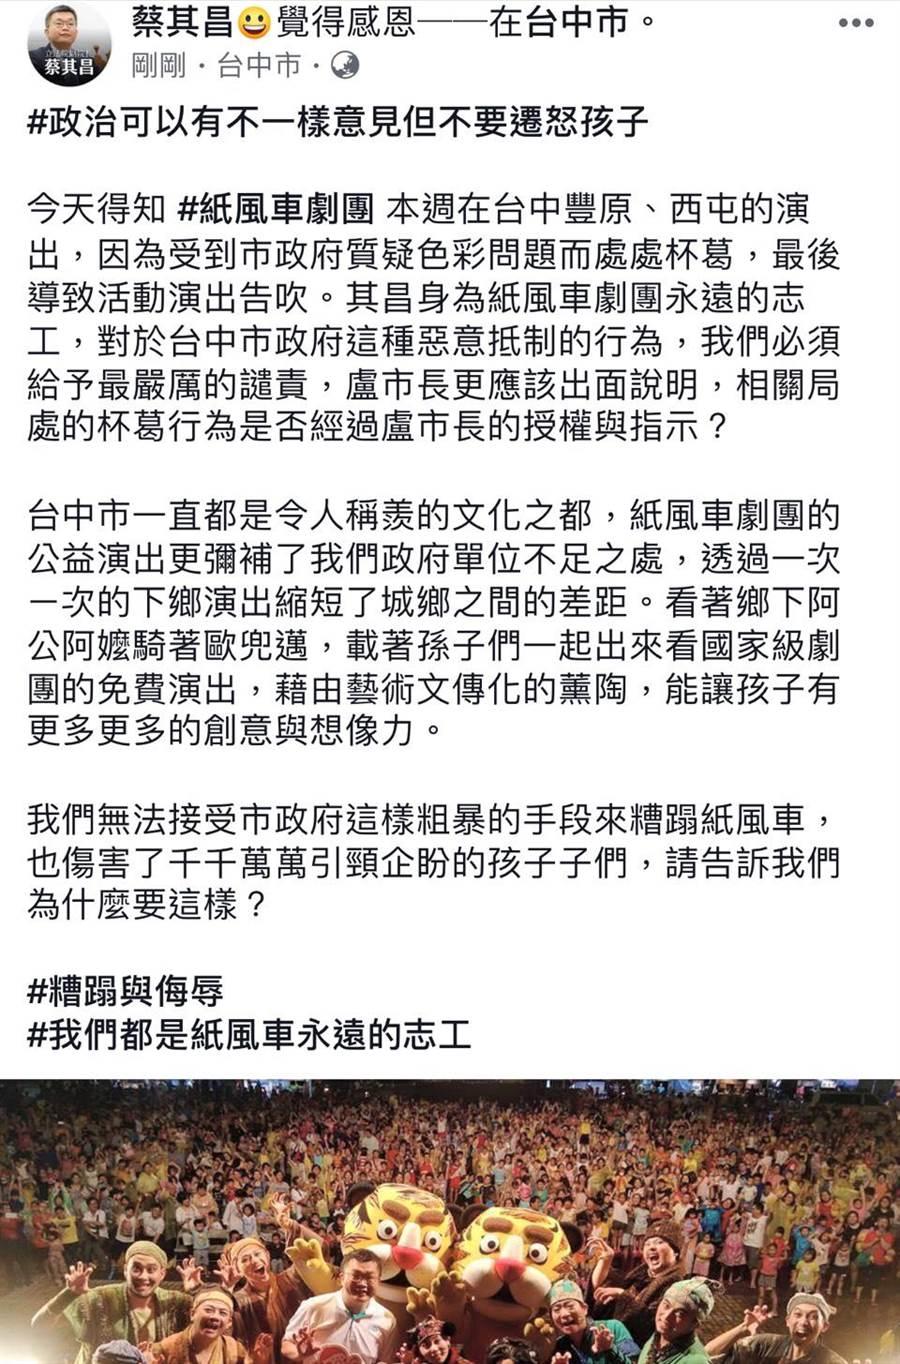 立法院副院長蔡其昌po文表示,政治可以有不一樣意見,但不要遷怒孩子。(翻攝蔡其昌臉書)